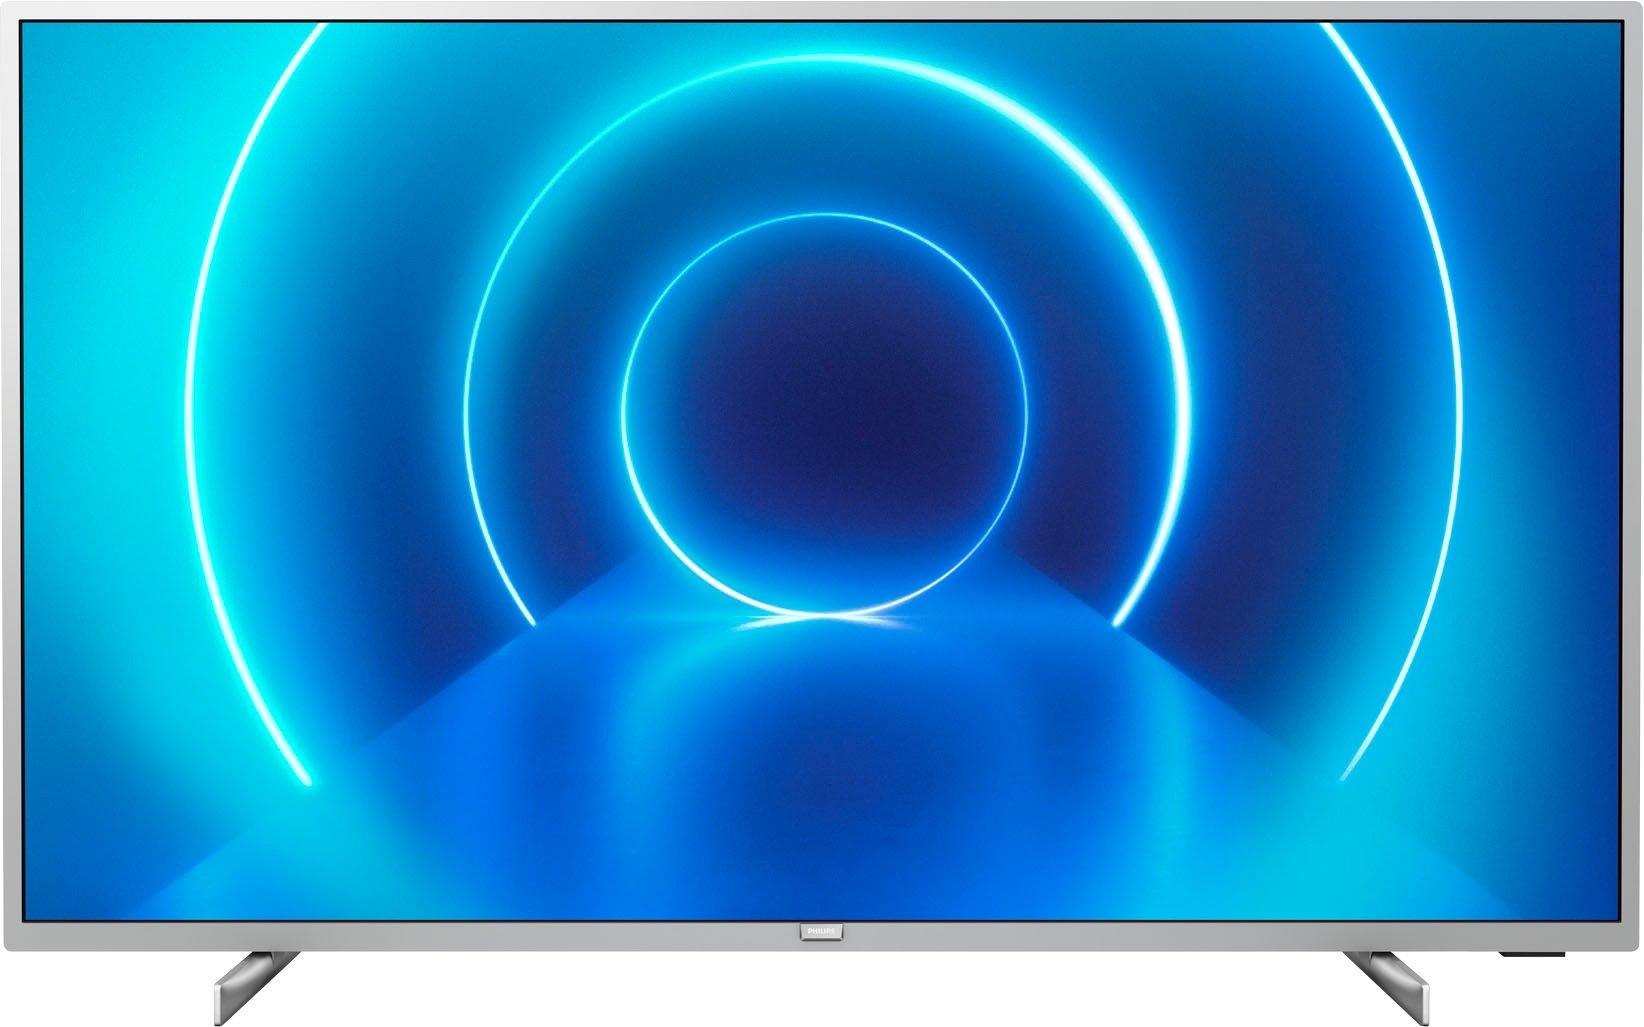 Op zoek naar een Philips LED-TV 70PUS7555/12, 177 cm / 70